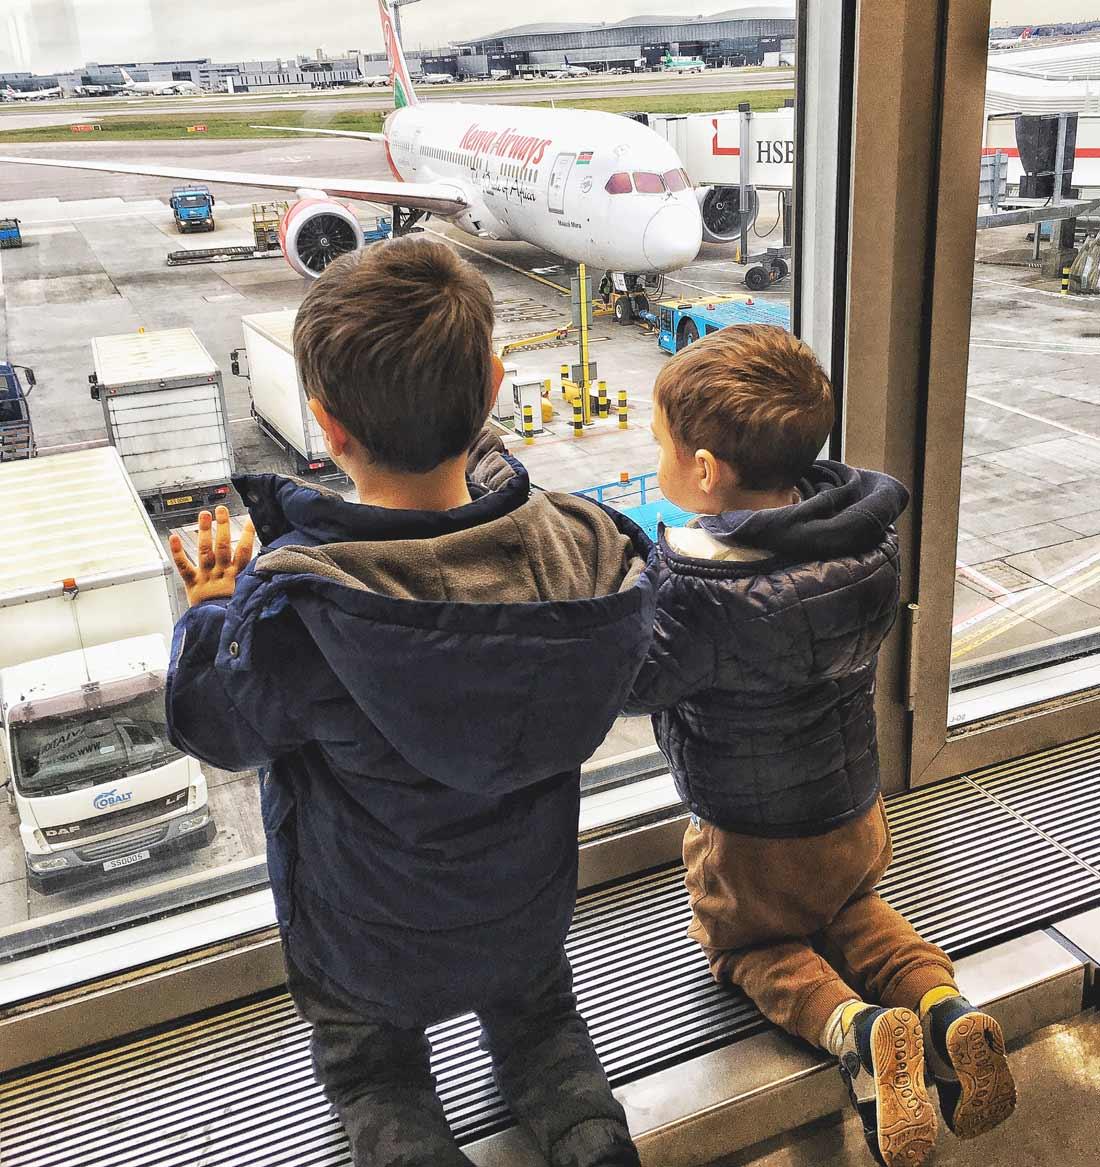 Volare con bambini: come viaggiare preparati. I consigli di una frequent flyer